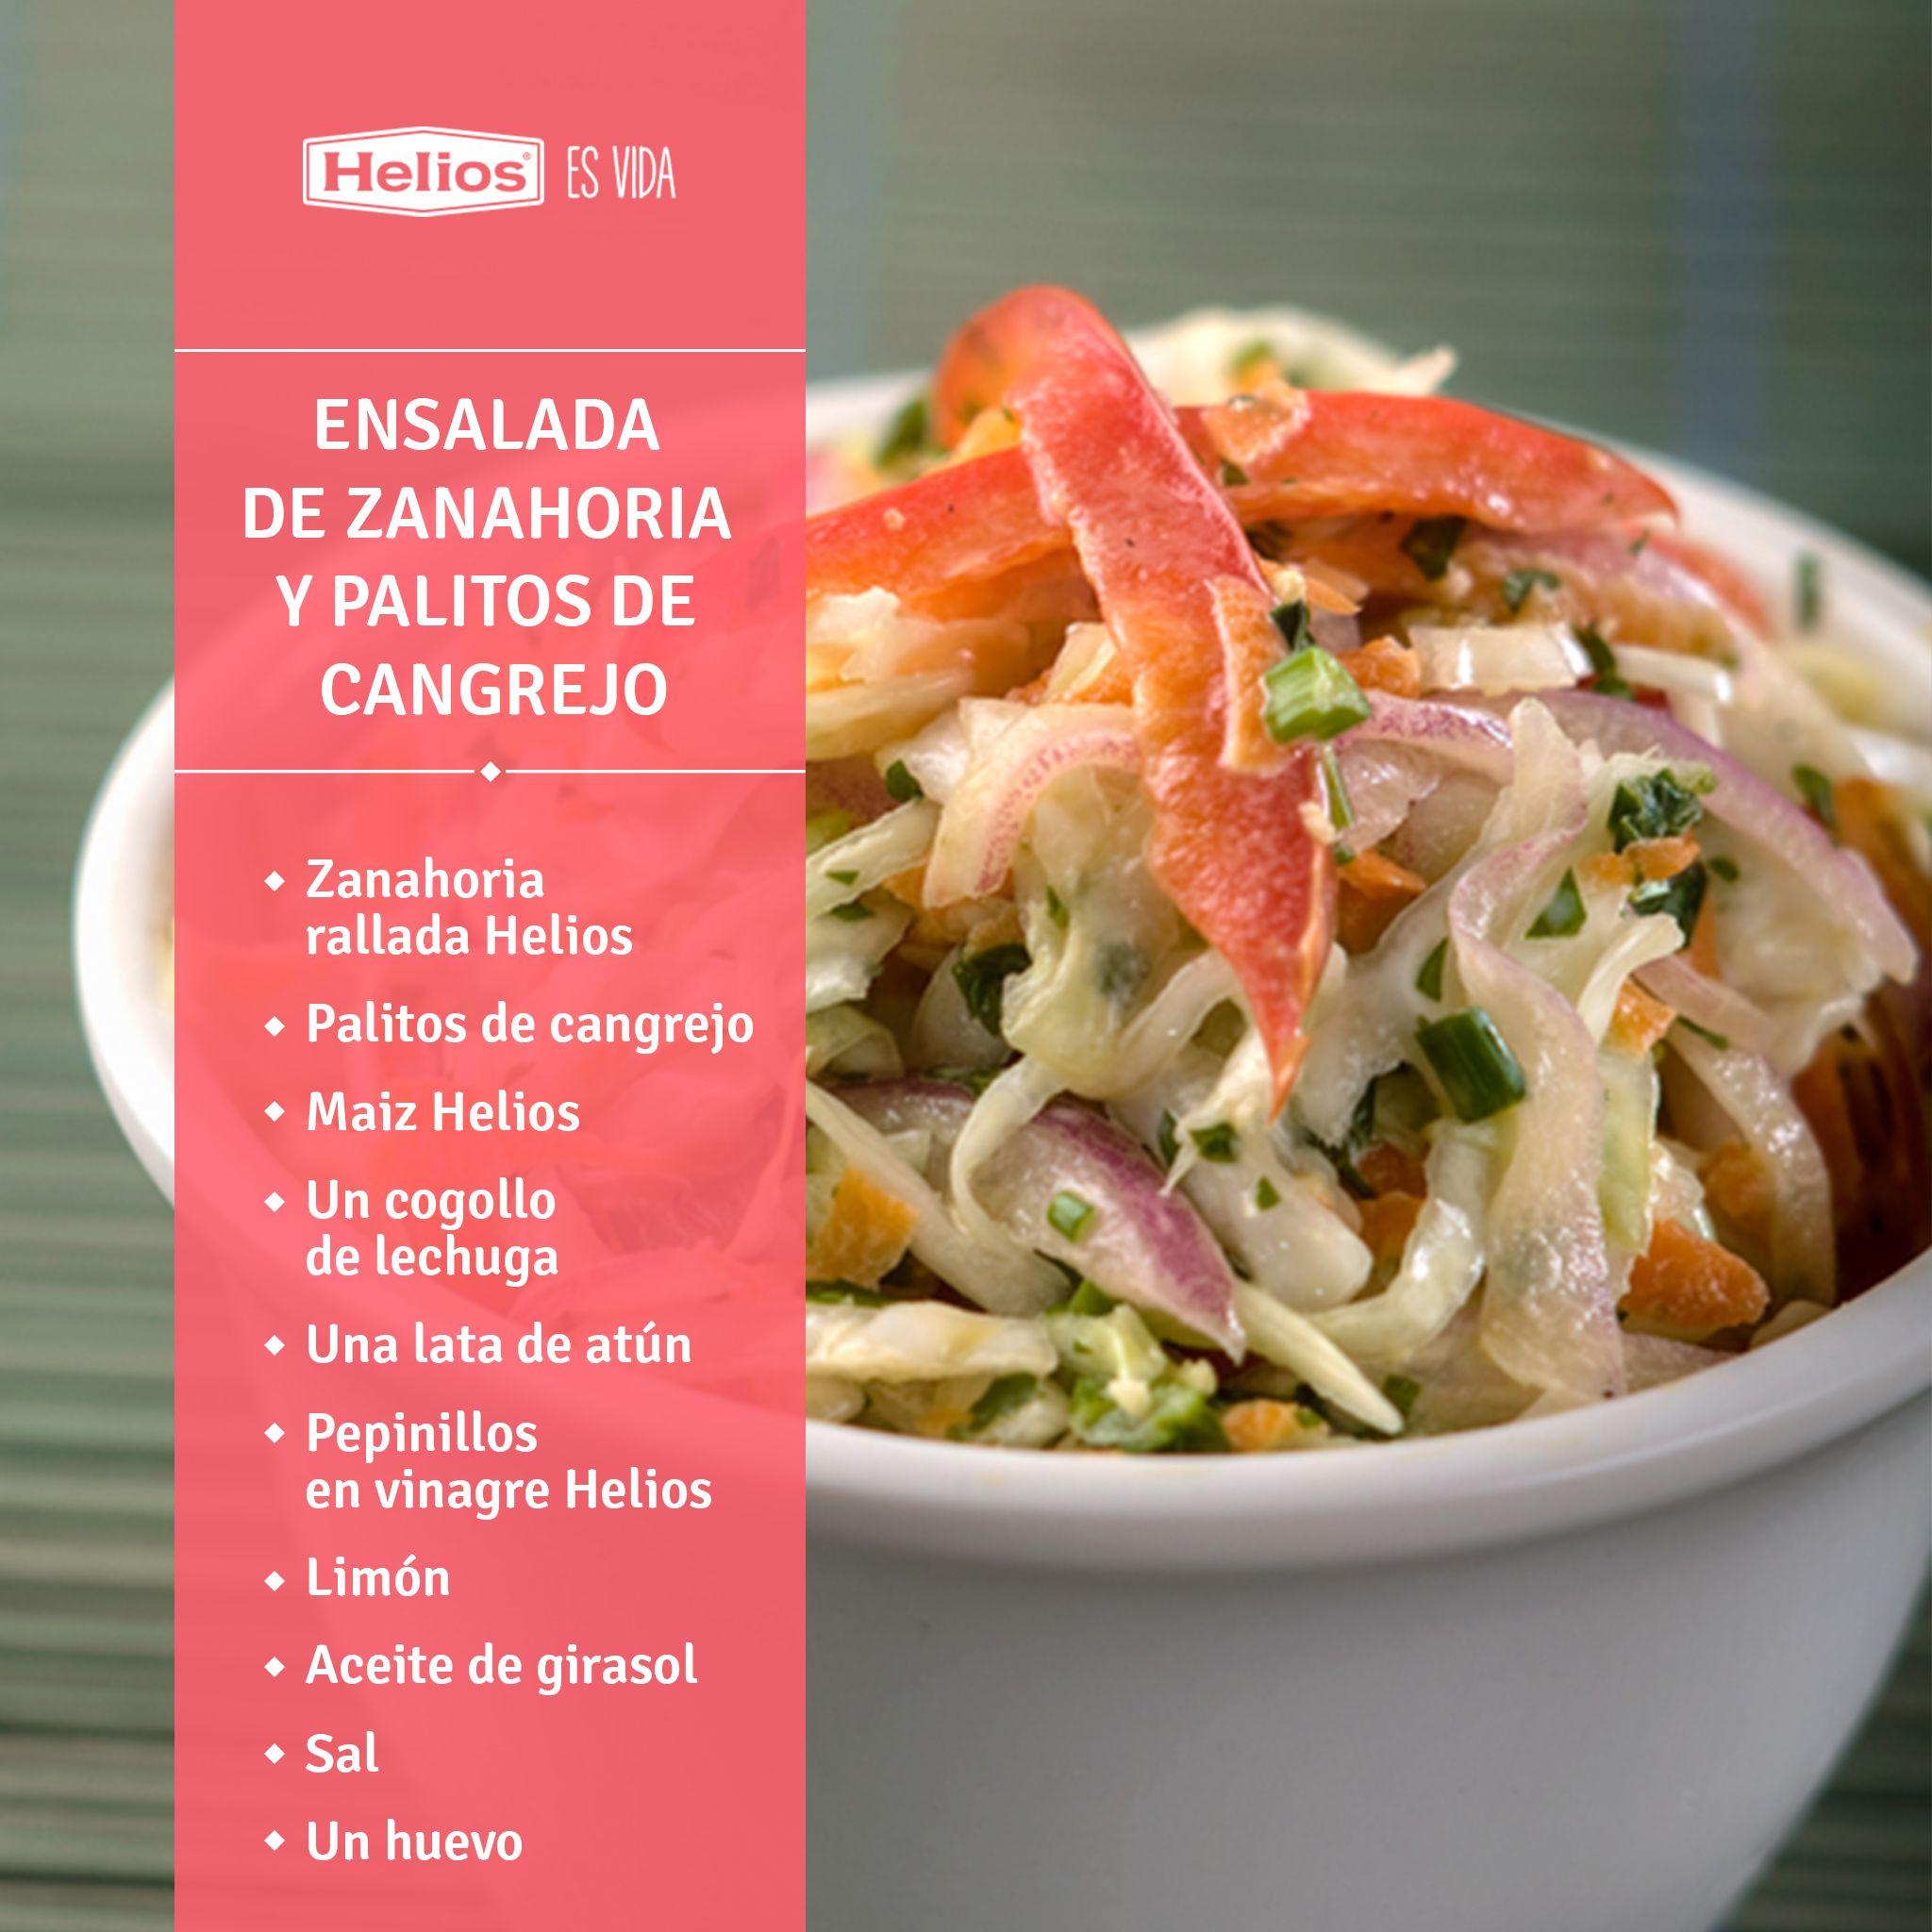 Ensalada de zanahoria y palitos de cangrejo